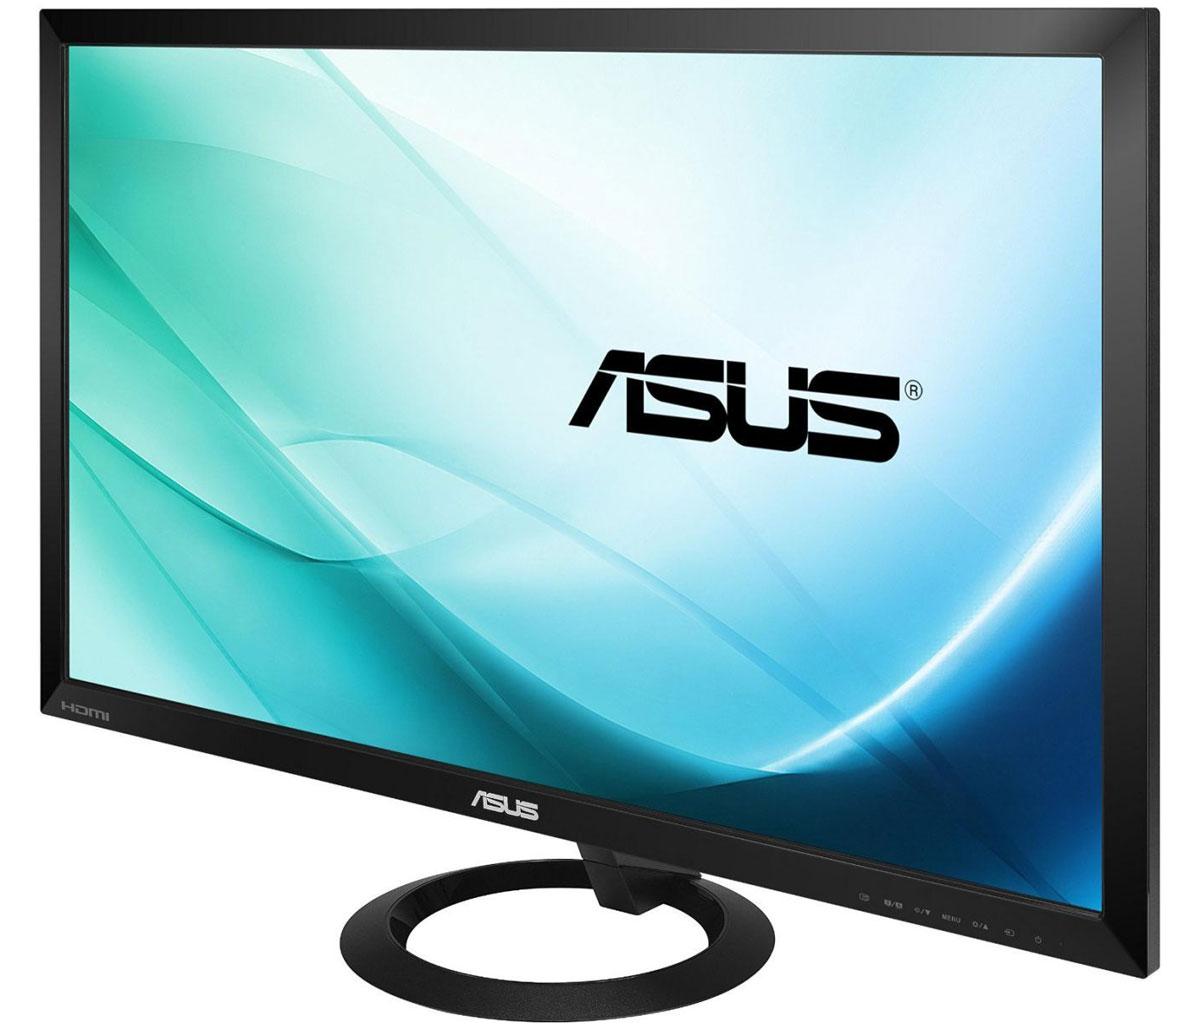 Asus VX278H монитор90LM01I0-B01170Asus VX278H - это энергоэффективный монитор со светодиодной подсветкой, экстремально низким временем отклика и высокой контрастностью. Оригинальный дизайн этой модели основывается на контрасте между круглой подставкой и строгими прямыми линиями тонкого корпуса. Благодаря технологии ASCR, которая динамически изменяет яркость подсветки в зависимости от текущего изображения, контрастность данного монитора достигает фантастического уровня – 80 000 000:1. Данный монитор обладает разрешением 1920x1080 пикселей и, таким образом, поддерживает формат видео Full- HD 1080p. Малое среднее время отклика – всего 1 мс (при переключении между полутонами) – означает отсутствие темных «шлейфов» позади движущихся объектов и плавное воспроизведение видео. Функция контроля соотношения сторон позволяет пользователям указать предпочтительный способ отображения видеоматериала при масштабировании: растягивать картинку на весь экран или сохранять соотношение сторон...